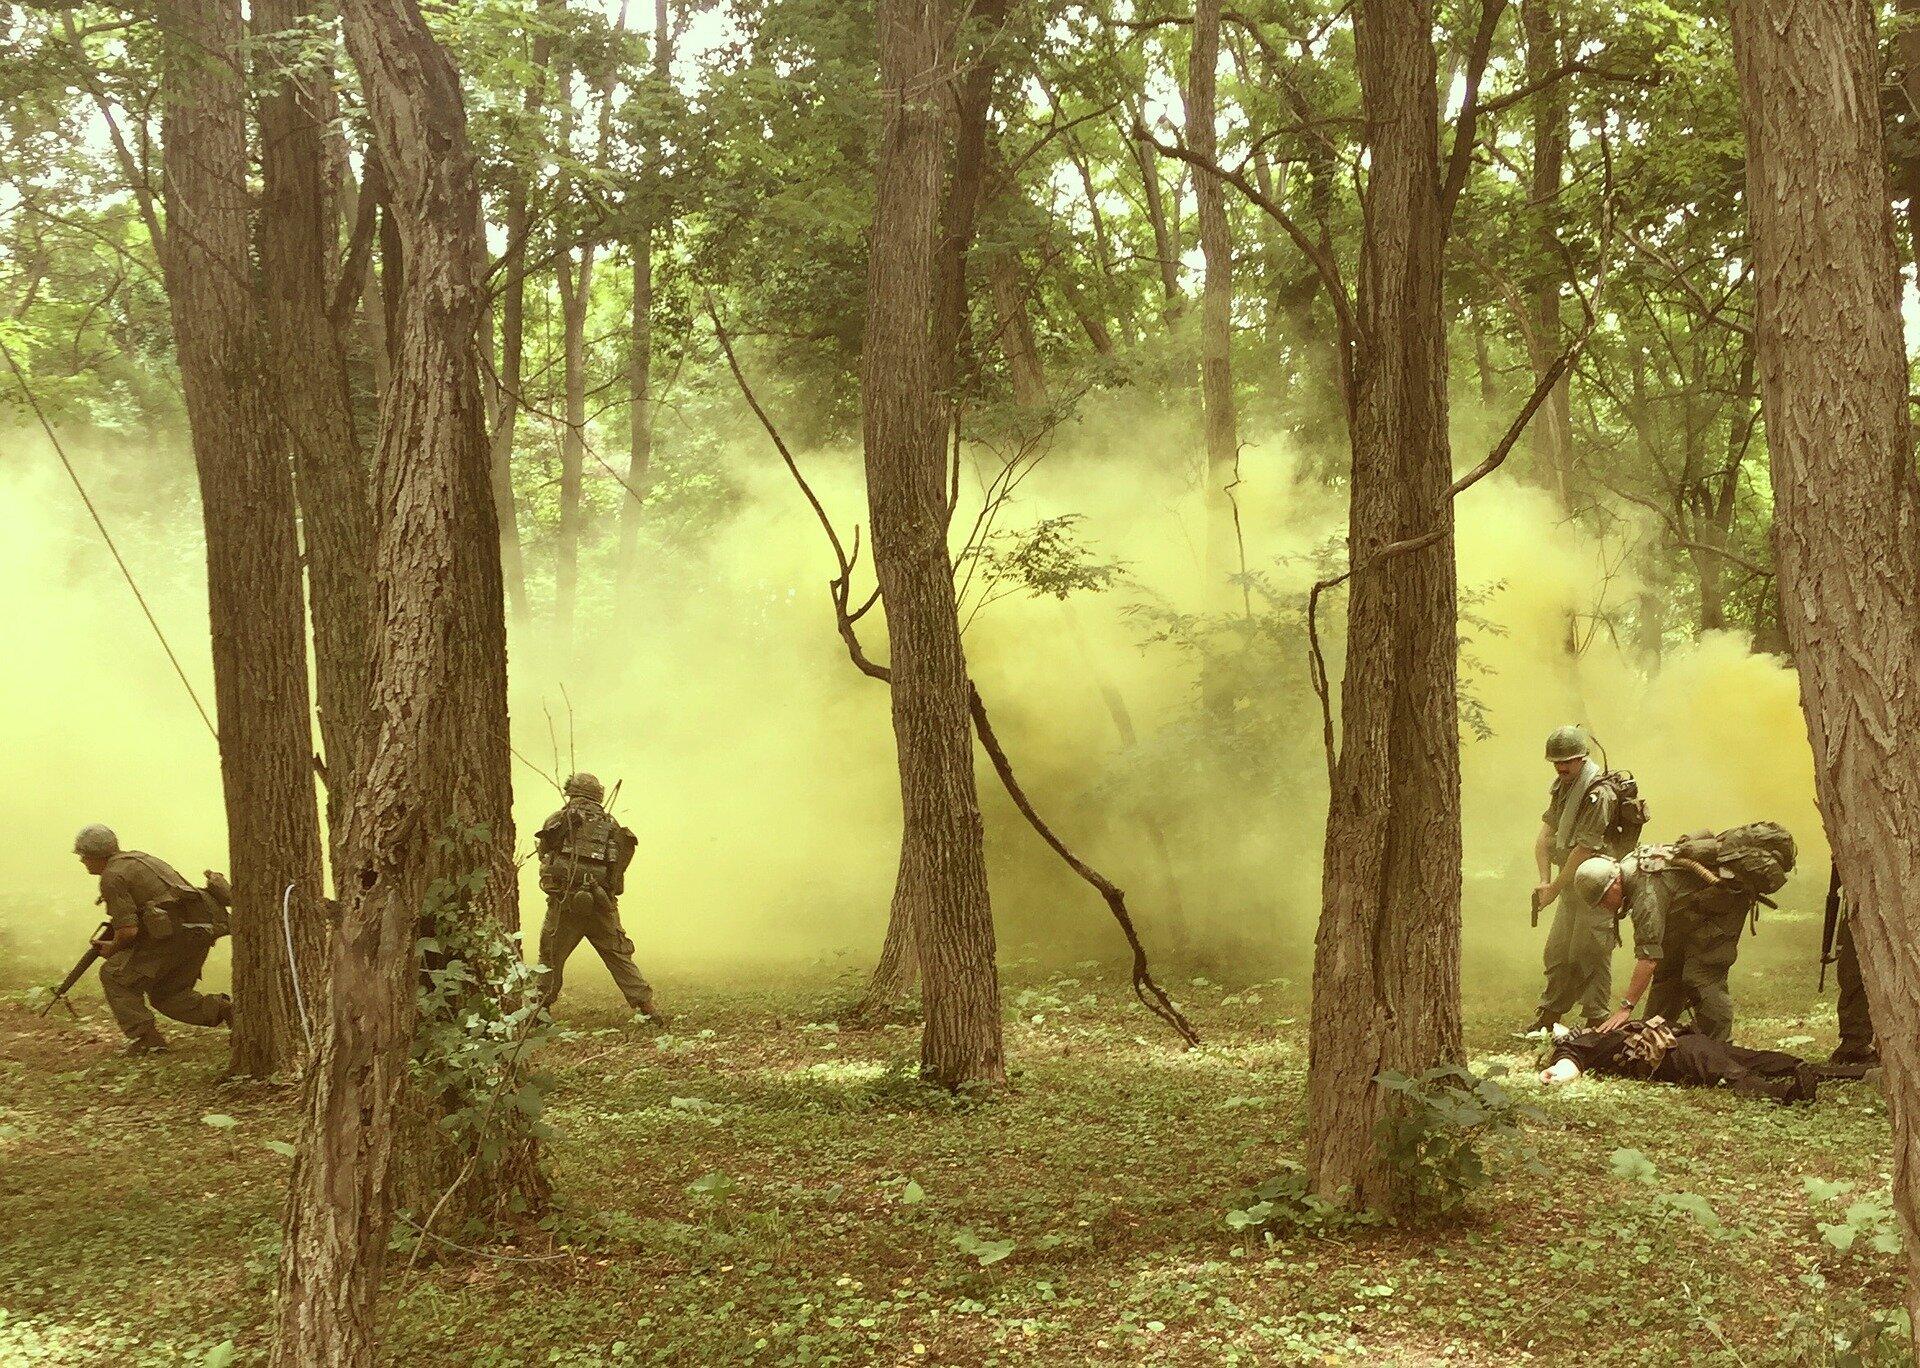 Vietnam-ära-Frauen-Veteranen auch weiterhin die Erfahrung der Kriegszeit stress